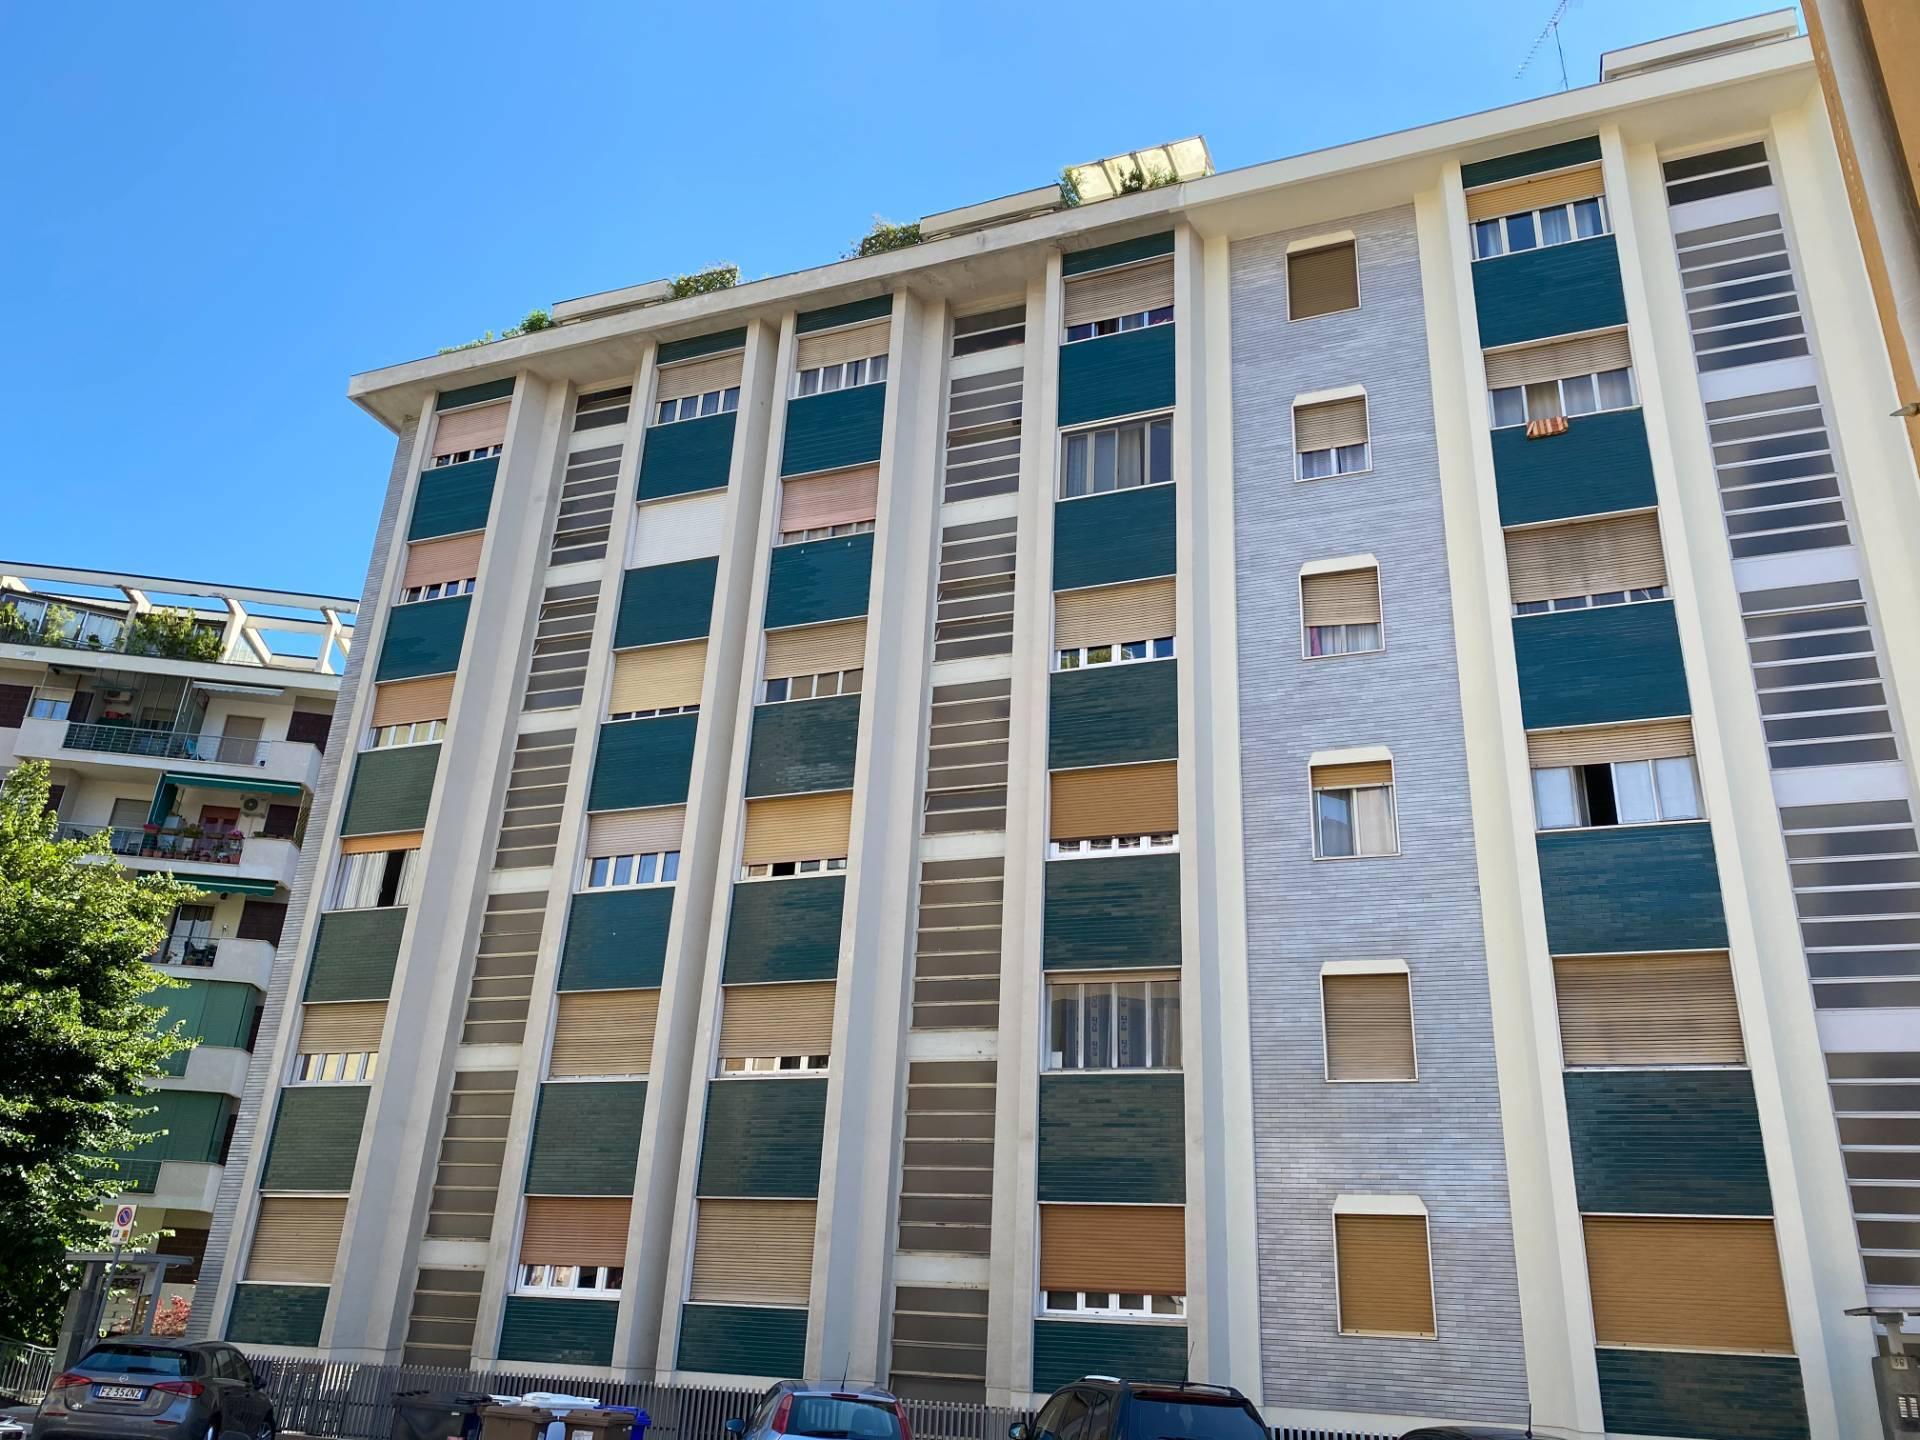 Appartamento in vendita a Moncalieri, 2 locali, zona Località: SanPietro, prezzo € 55.000 | CambioCasa.it